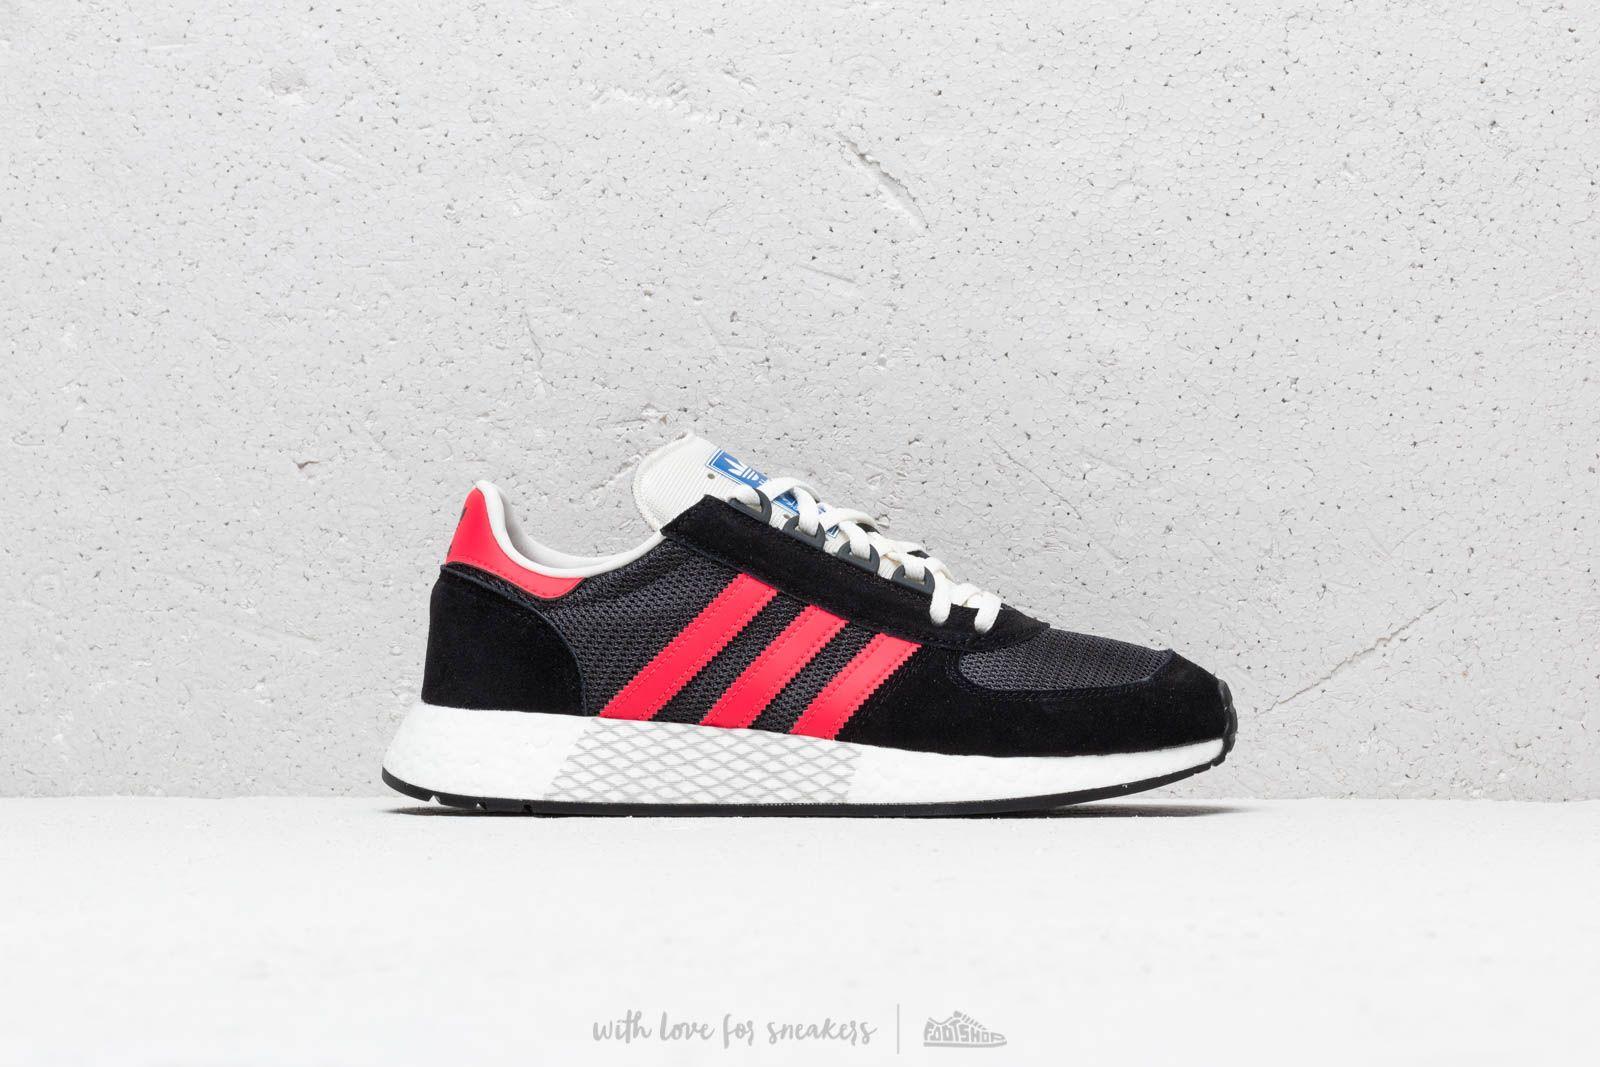 1e7c4d4e92 adidas Marathon Tech Carbon/ Shock Red/ Core Black nagyszerű árakon 42 698  Ft vásárolj